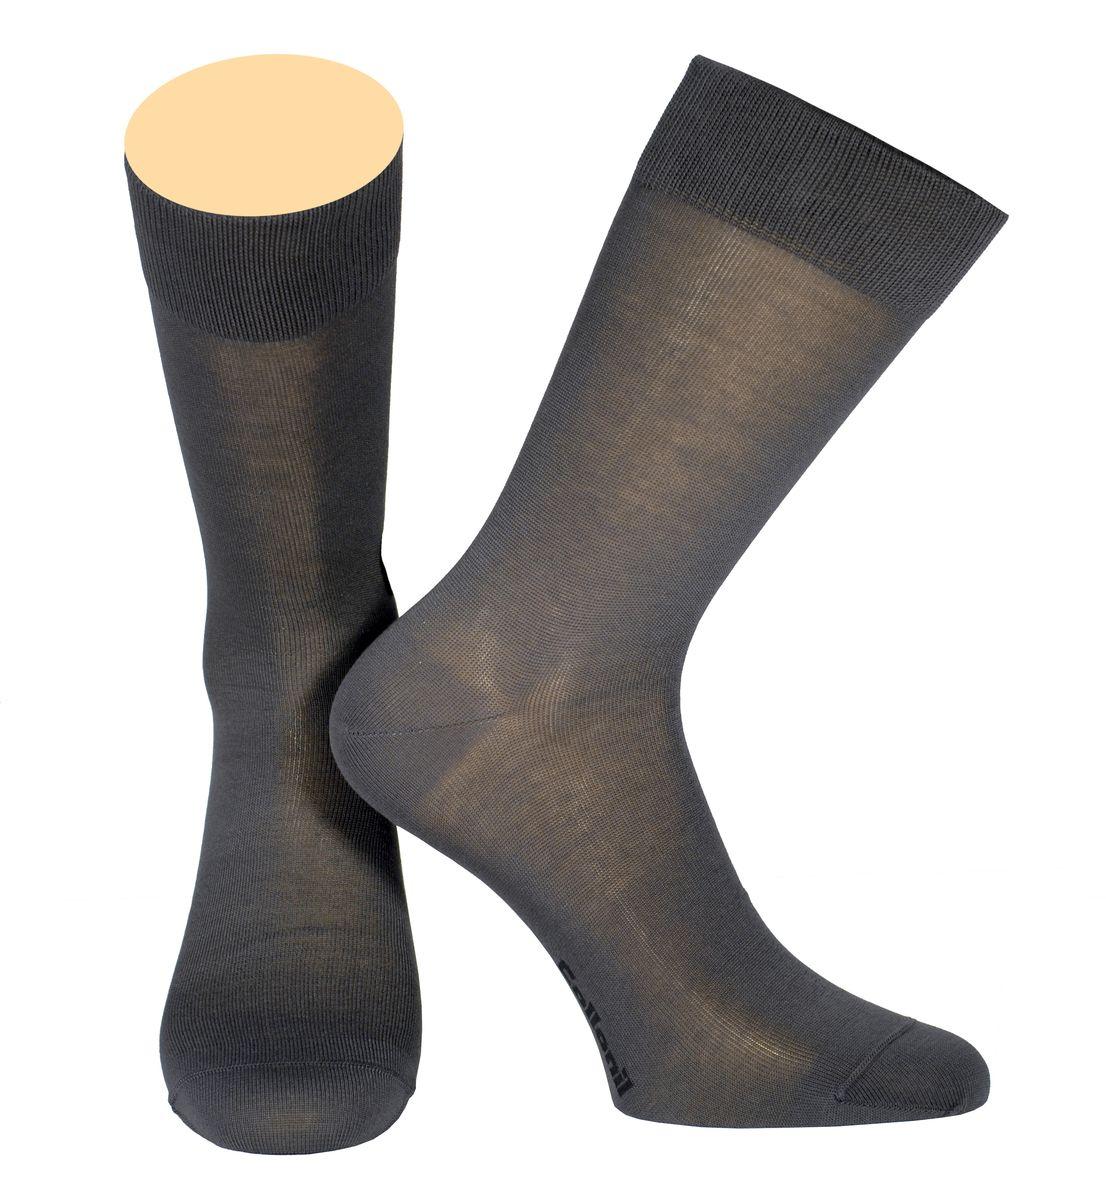 Носки мужские Collonil, цвет: темно-серый. 142/32. Размер 44-46142/32Мужские носки Collonil изготовлены из мерсеризованного хлопка.Носки с удлиненным паголенком. Широкая резинка не сдавливает и комфортно облегает ногу.